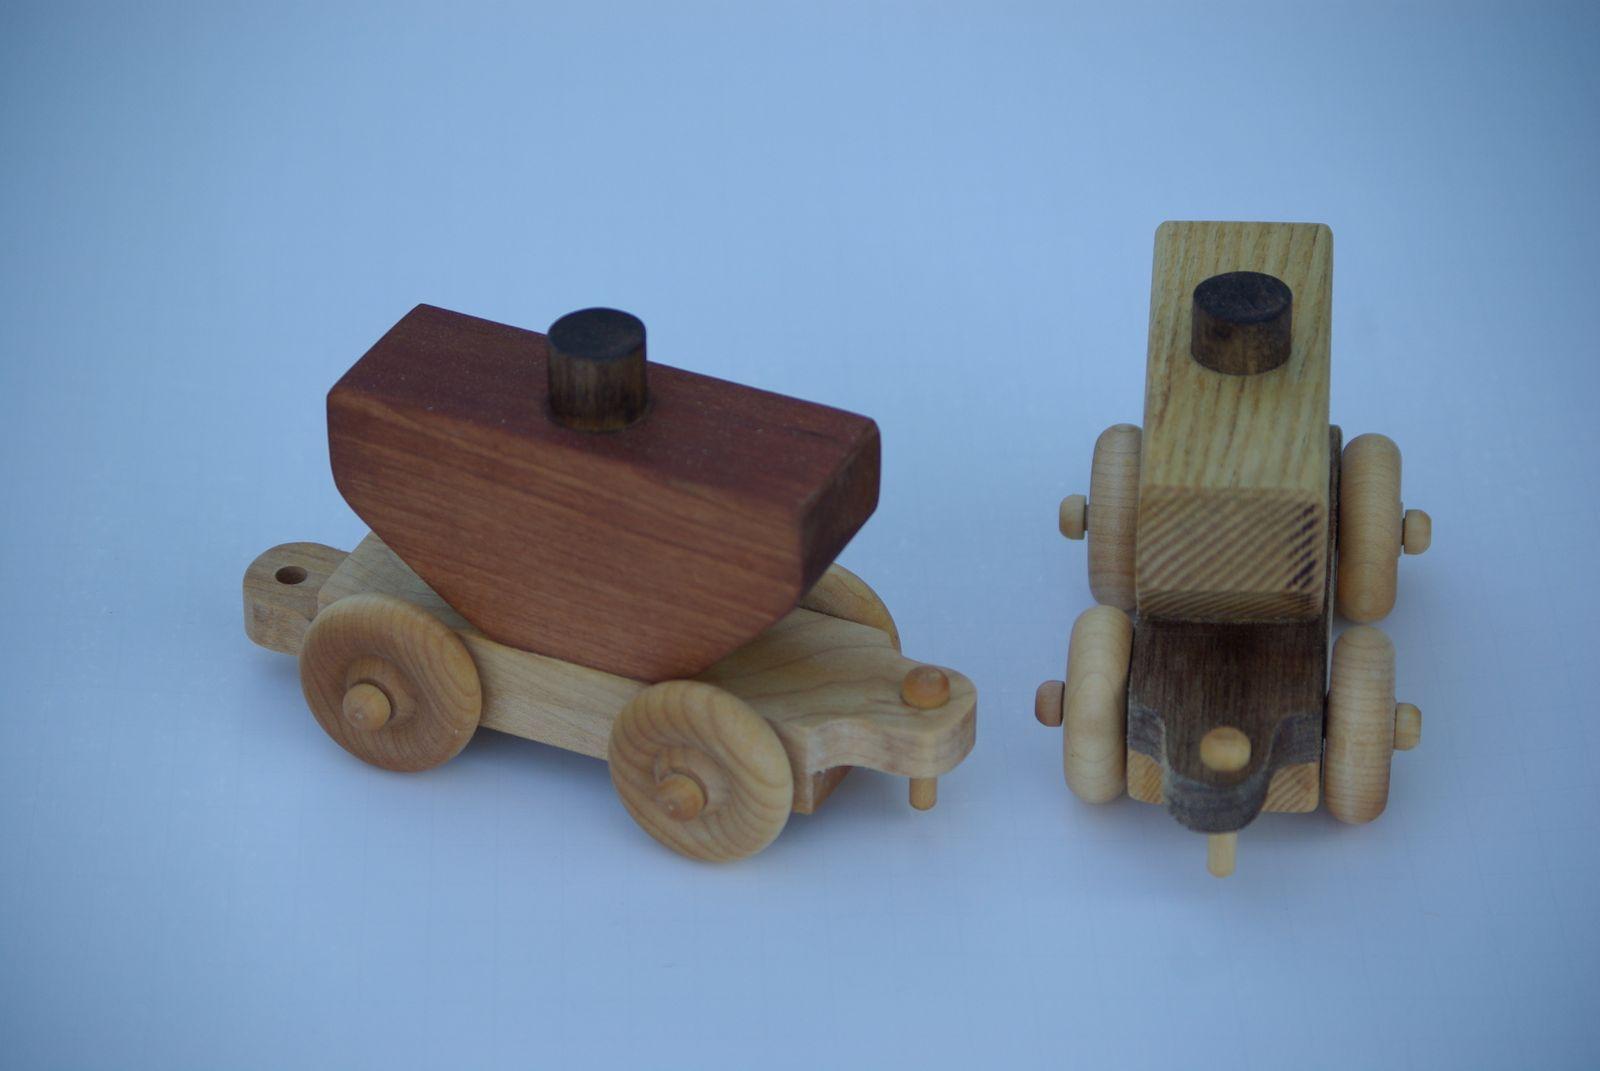 143-hardwood toys 008.JPG